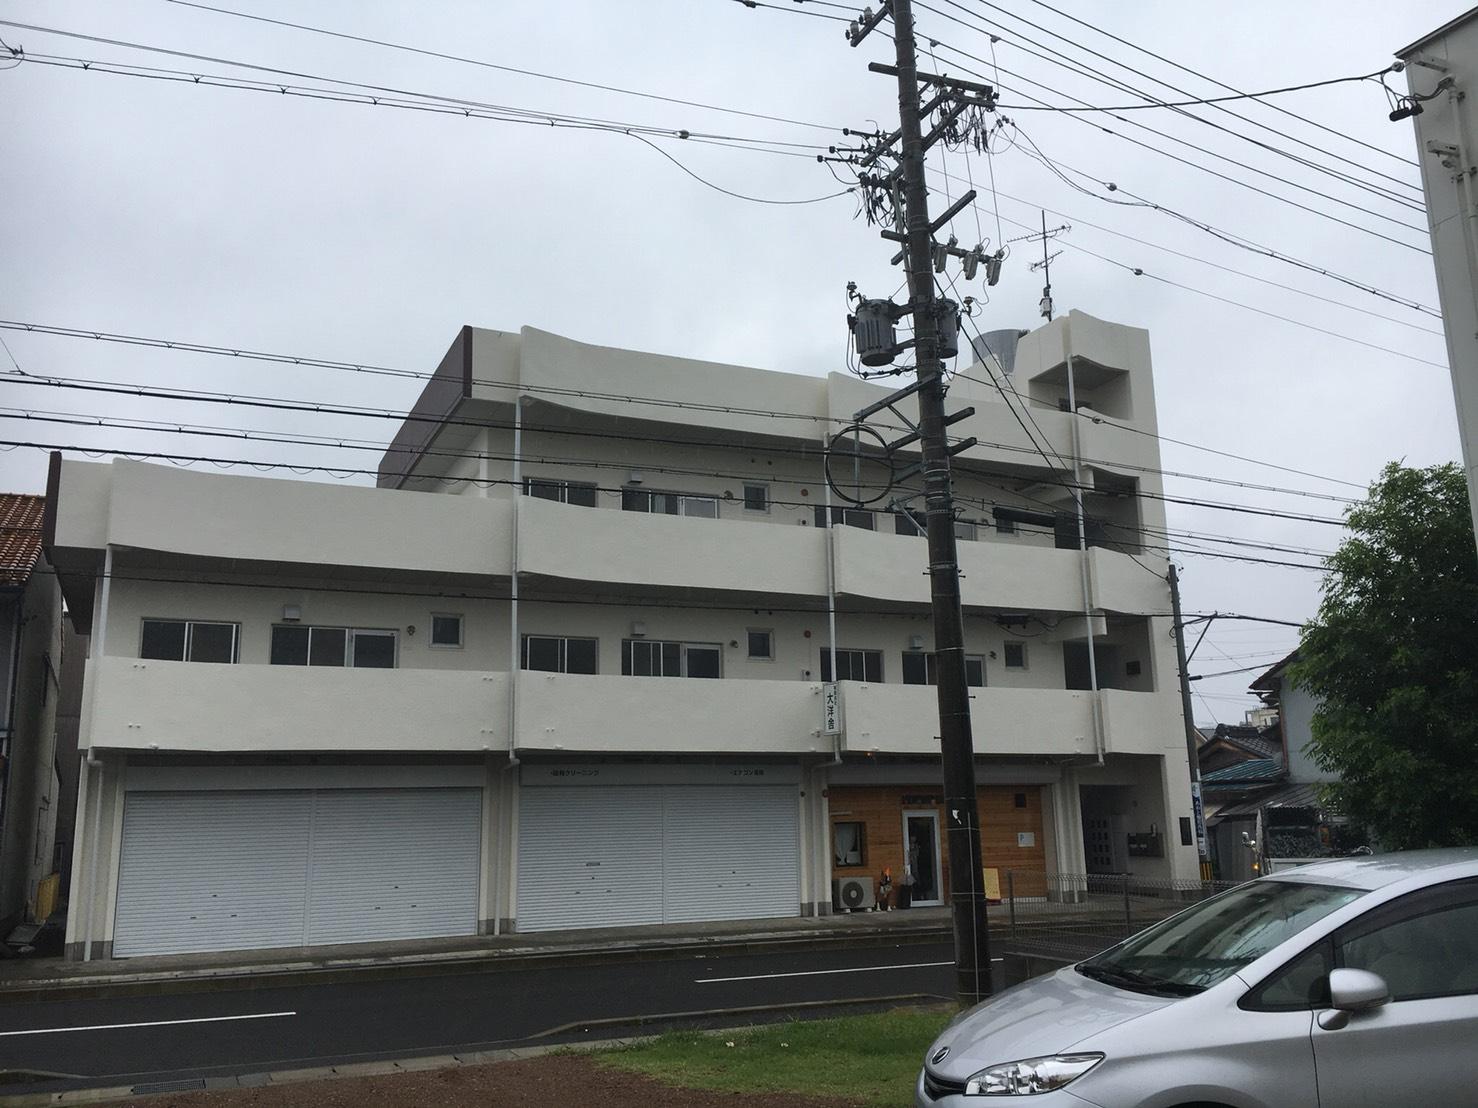 名古屋市での日本ペイント(株)材料名:パーフェクトトップ ラジカル制御塗装(外壁)after